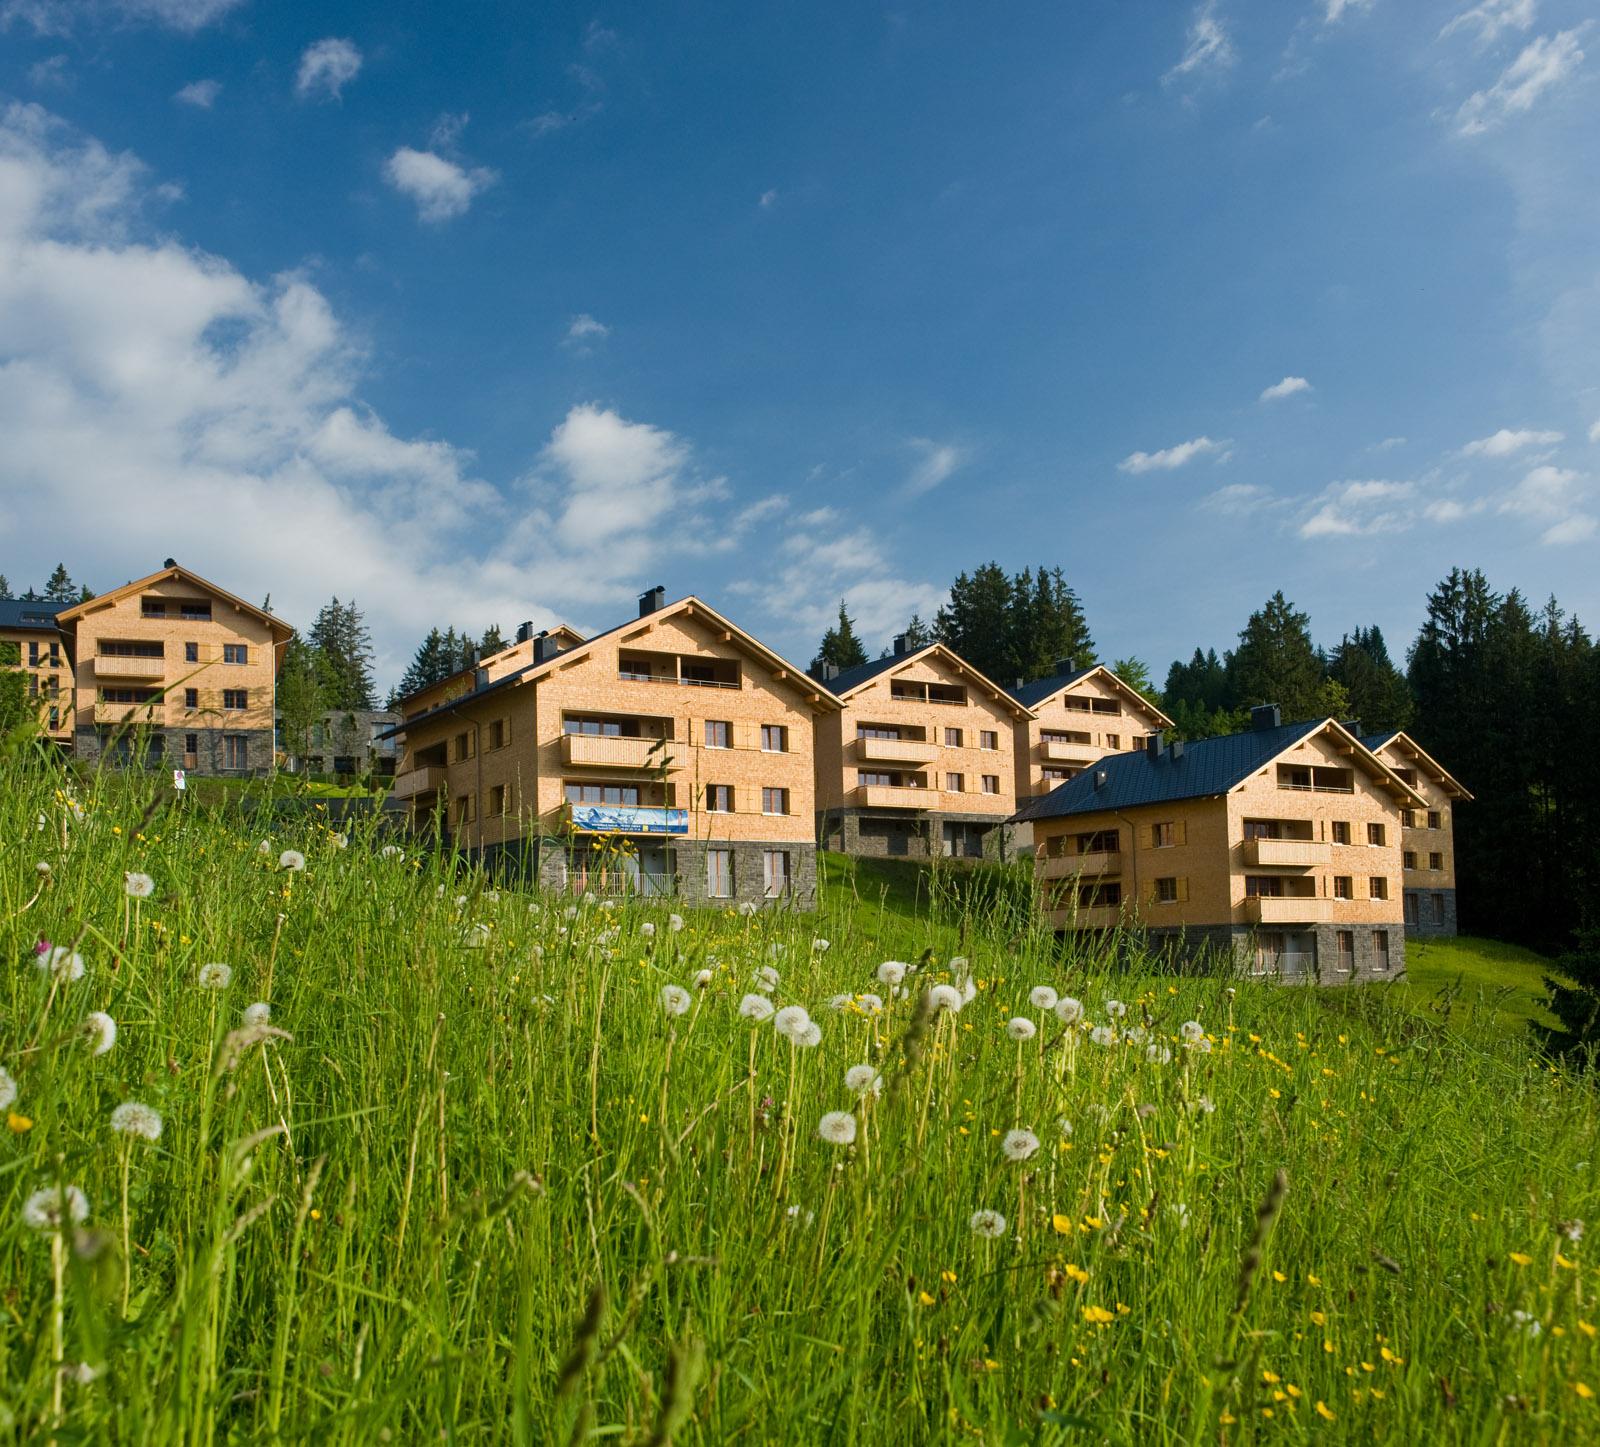 immobilien marktbericht fr hjahr 2013 berchtesgadener land. Black Bedroom Furniture Sets. Home Design Ideas